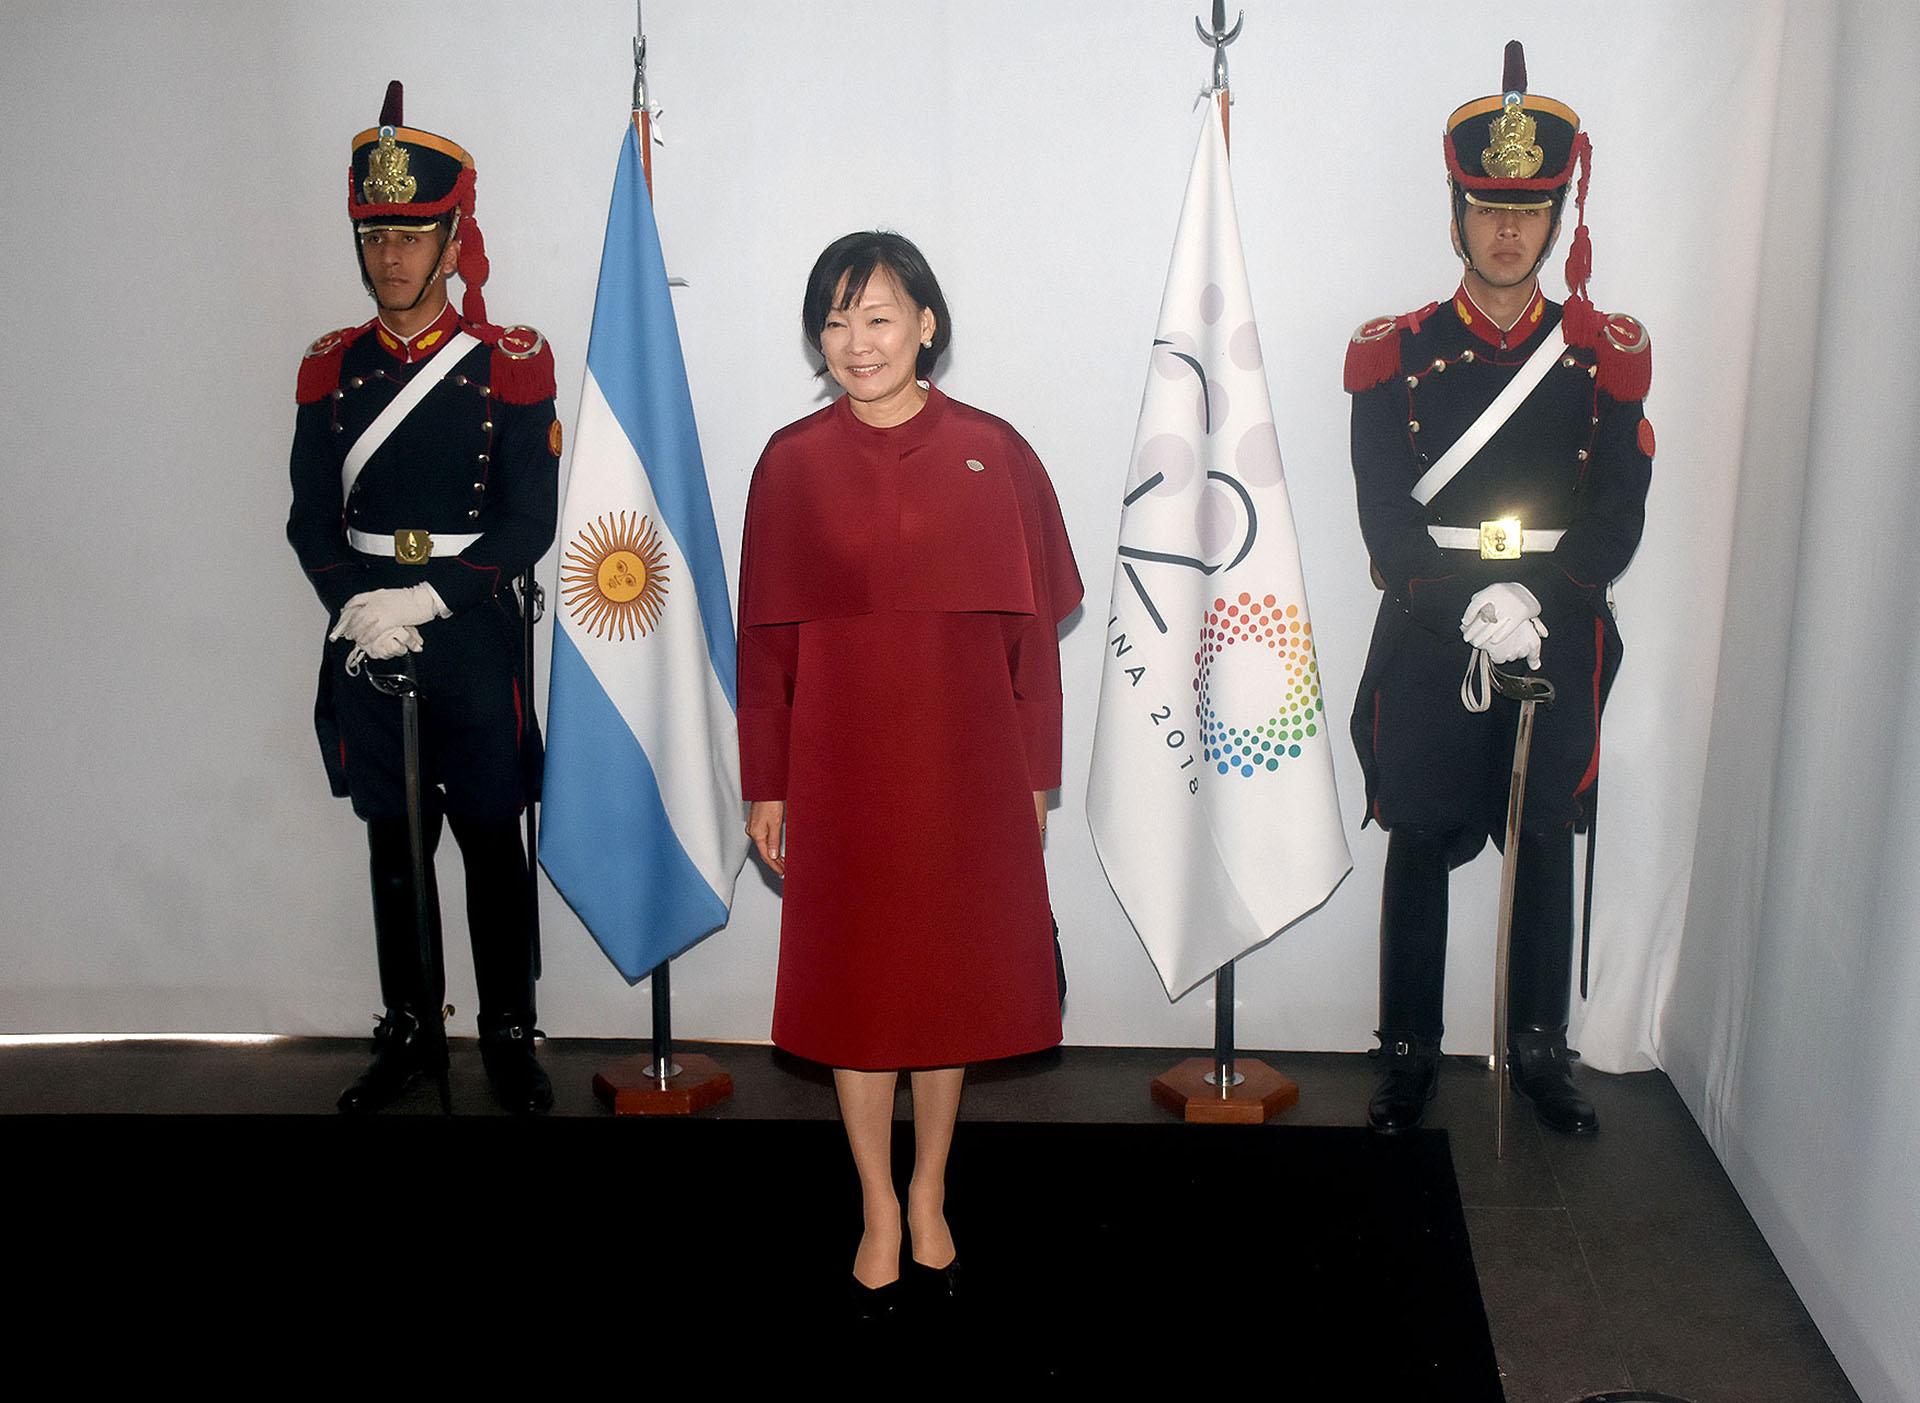 Akie Abe, esposa del primer ministro de Japón, apostó al total red. Un vestido recto a la rodilla con capa. Para los pies lució loafers en negro acharoladas. Los accesorios de la primera dama del país asiático fueron unos delicados aros de brillantes